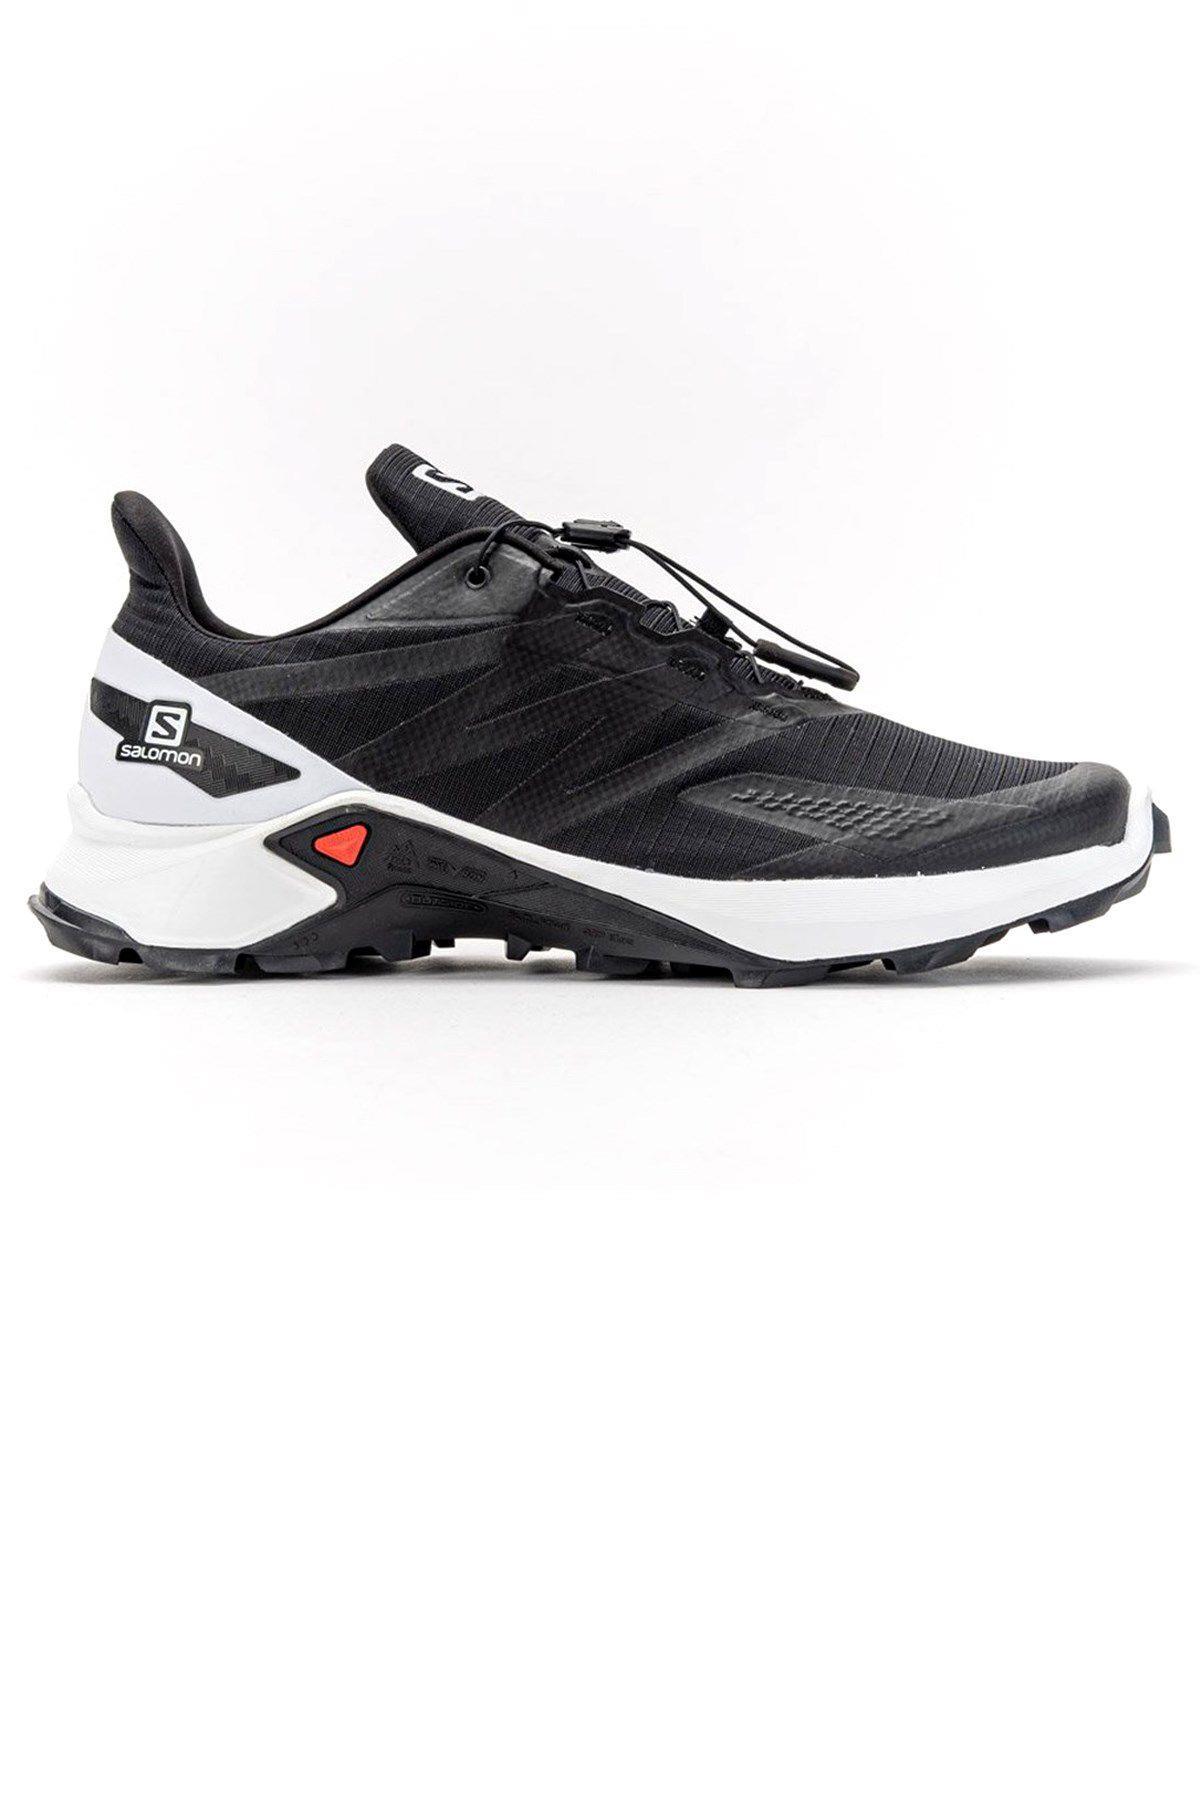 Salomon SUPERCROSS BLAST Erkek Ayakkabısı L41106800